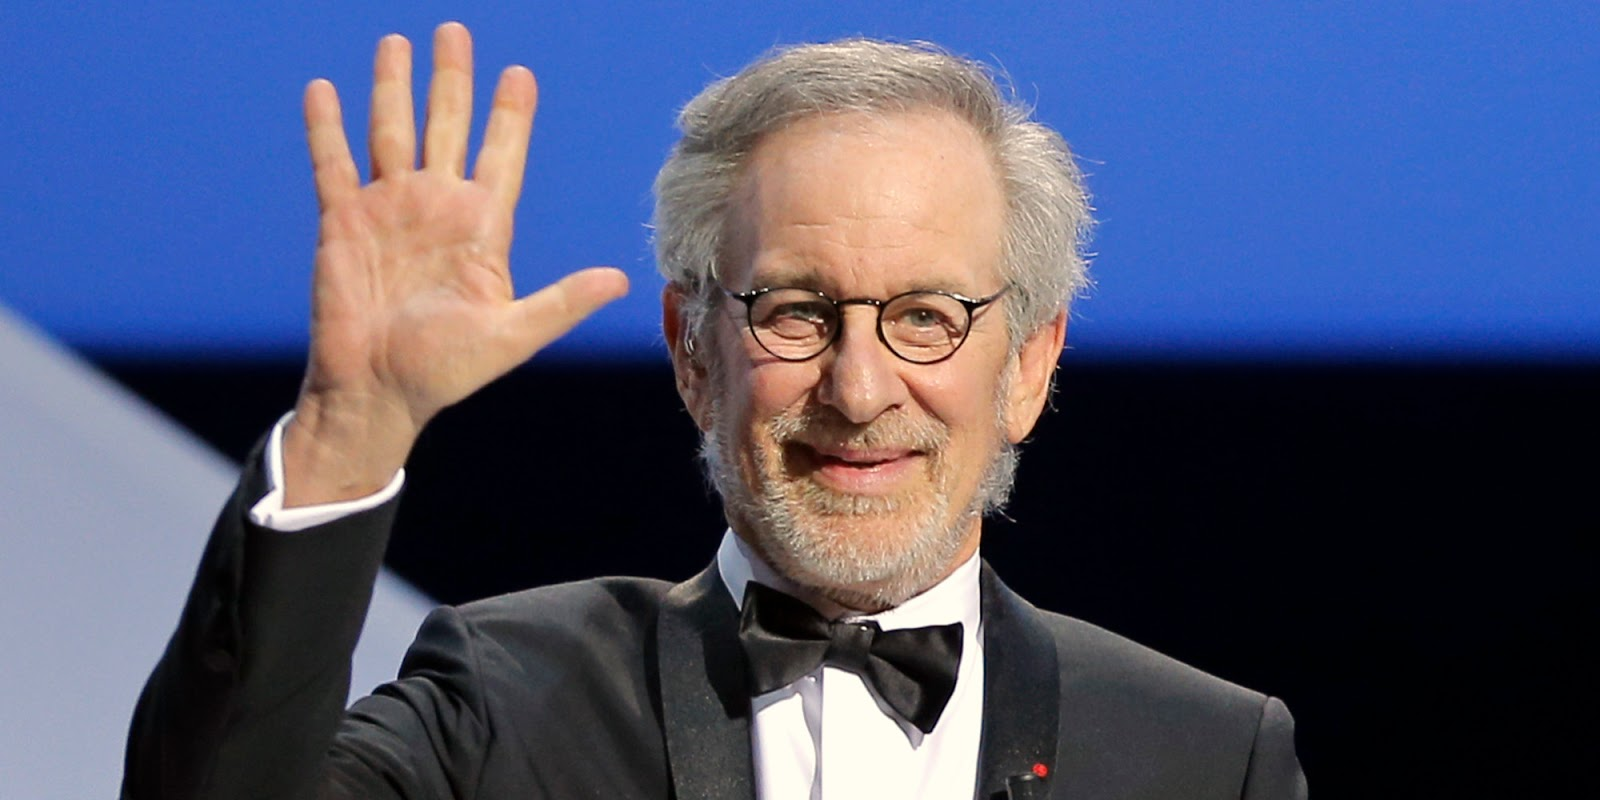 Revista Empire presta tributo a Steven Spielberg com 5 capas diferentes